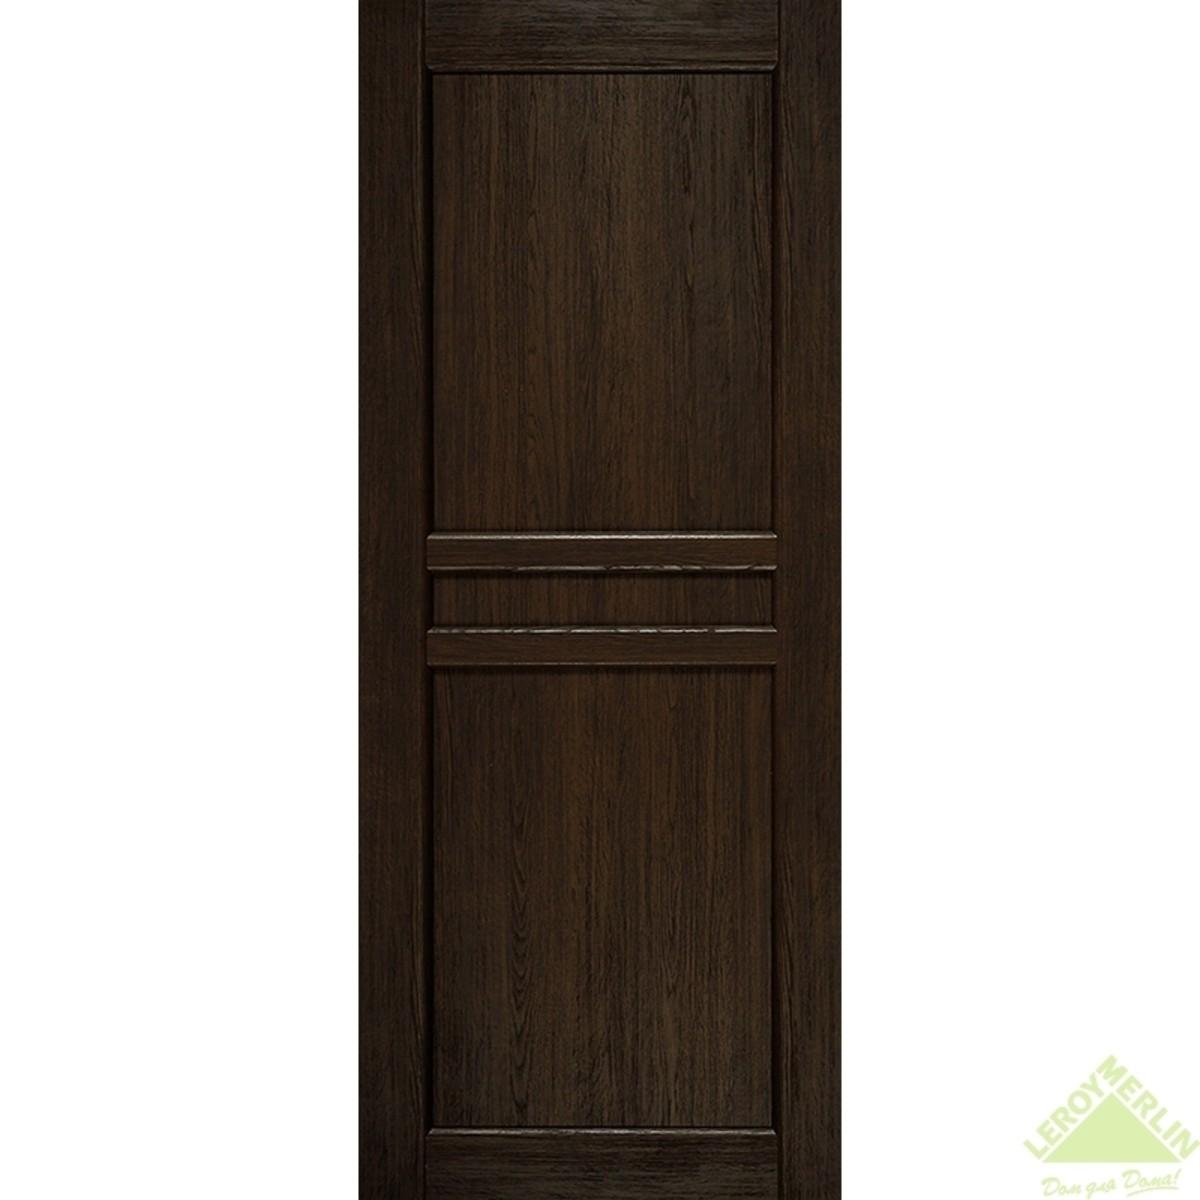 Дверное полотно глухое Элегия CPL 700x2000 мм ясень шоколадный